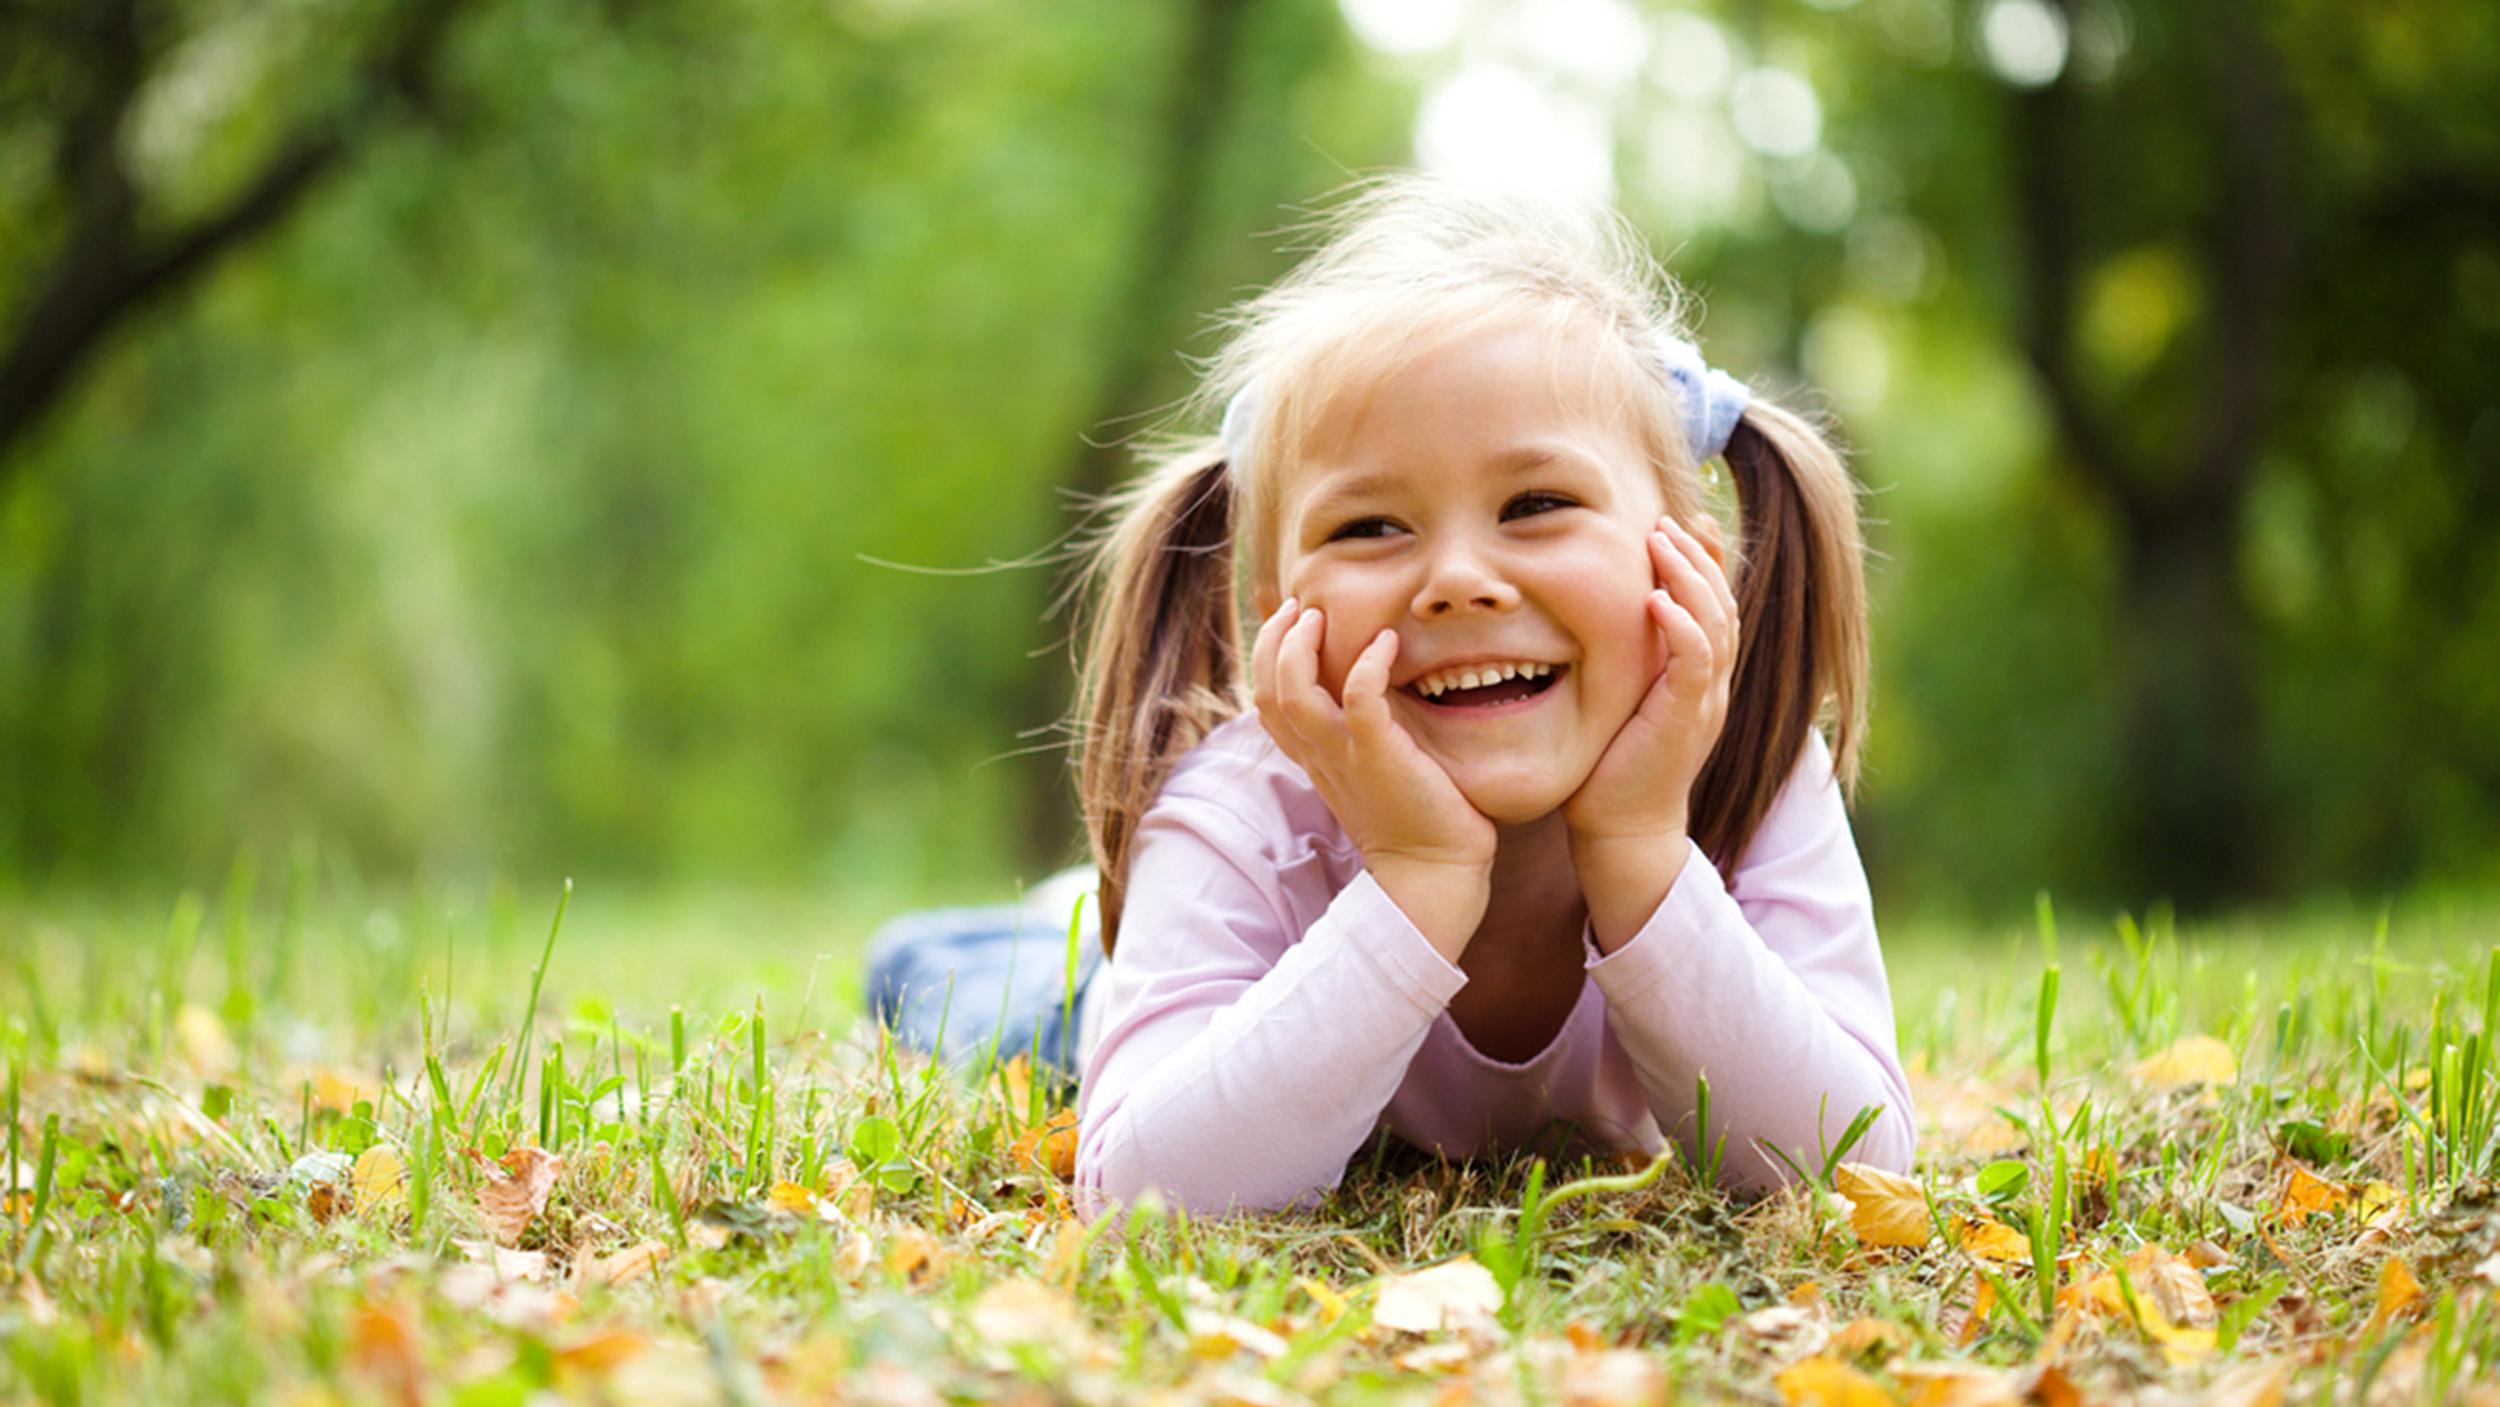 صورة اجمل ابتسامة طفلة في العالم , صور لضحكة طفل